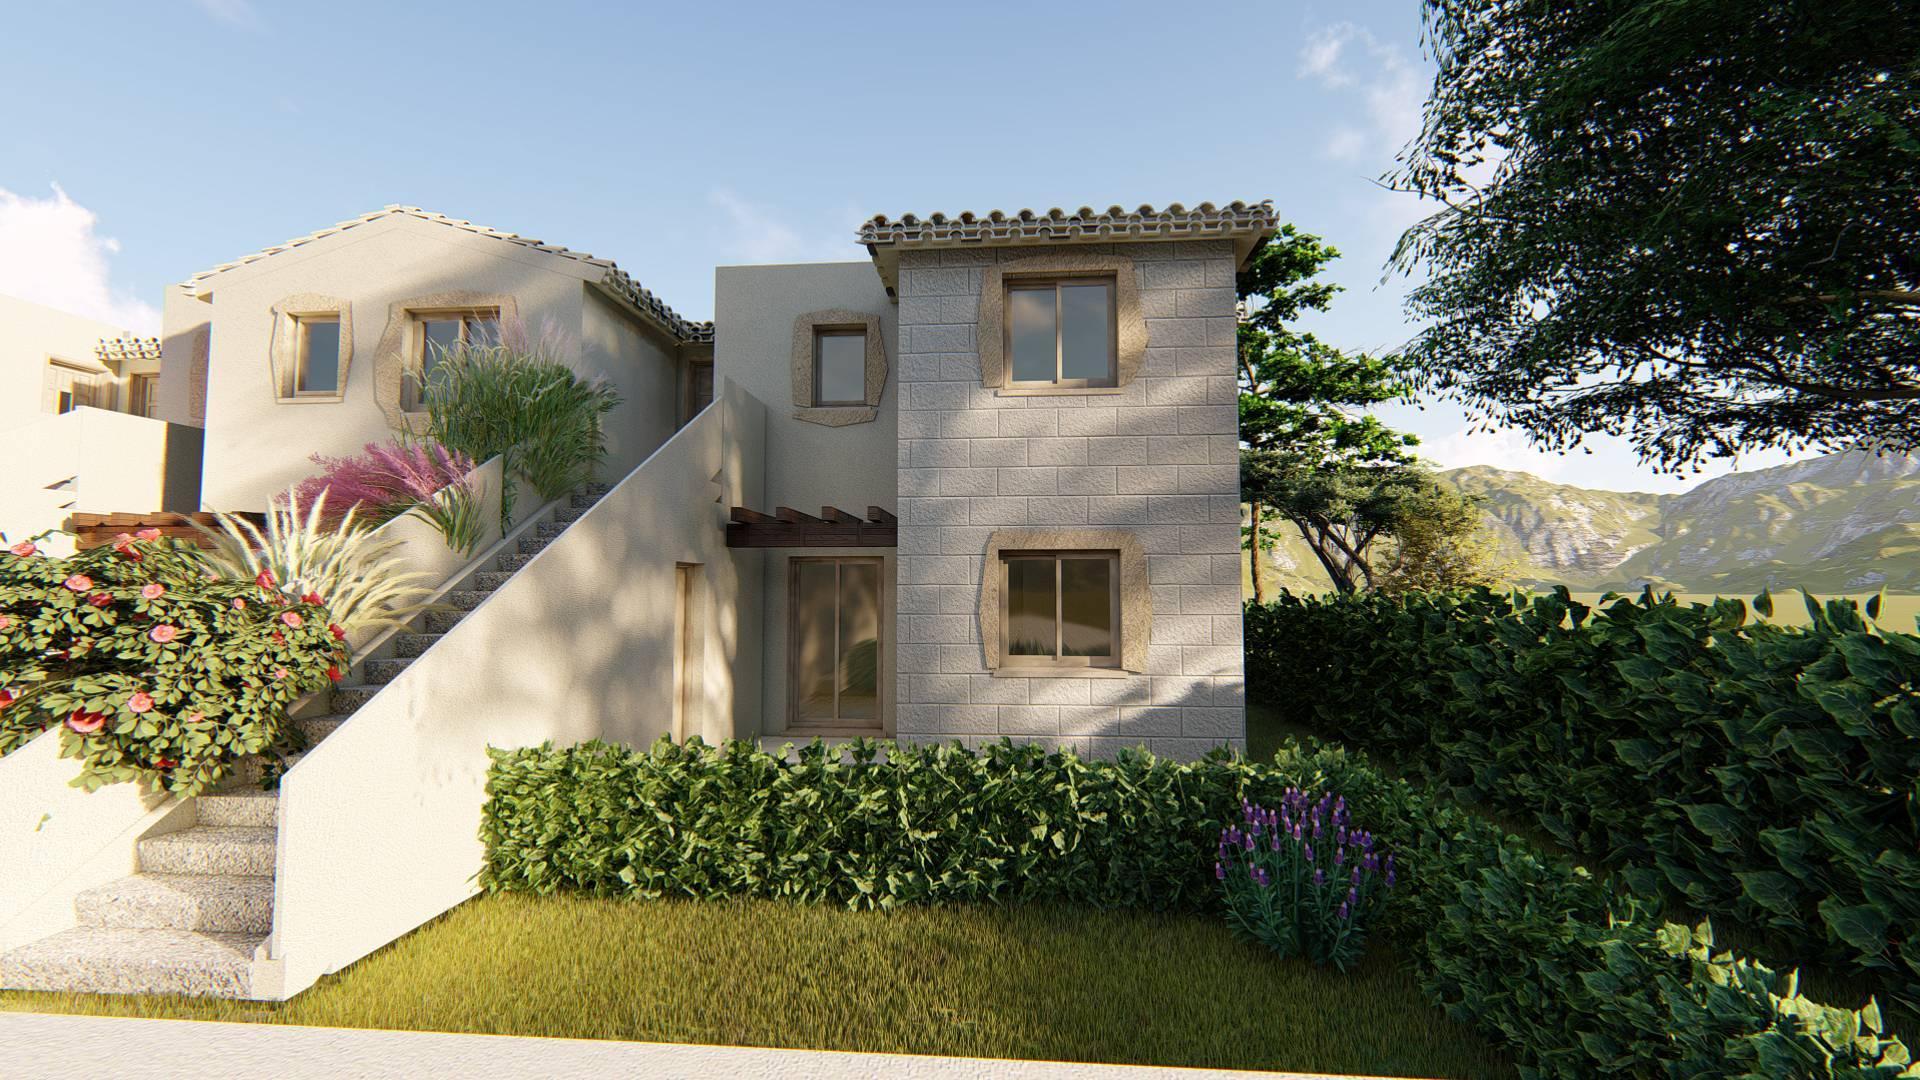 Appartamento in vendita a Budoni, 3 locali, prezzo € 237.000 | CambioCasa.it